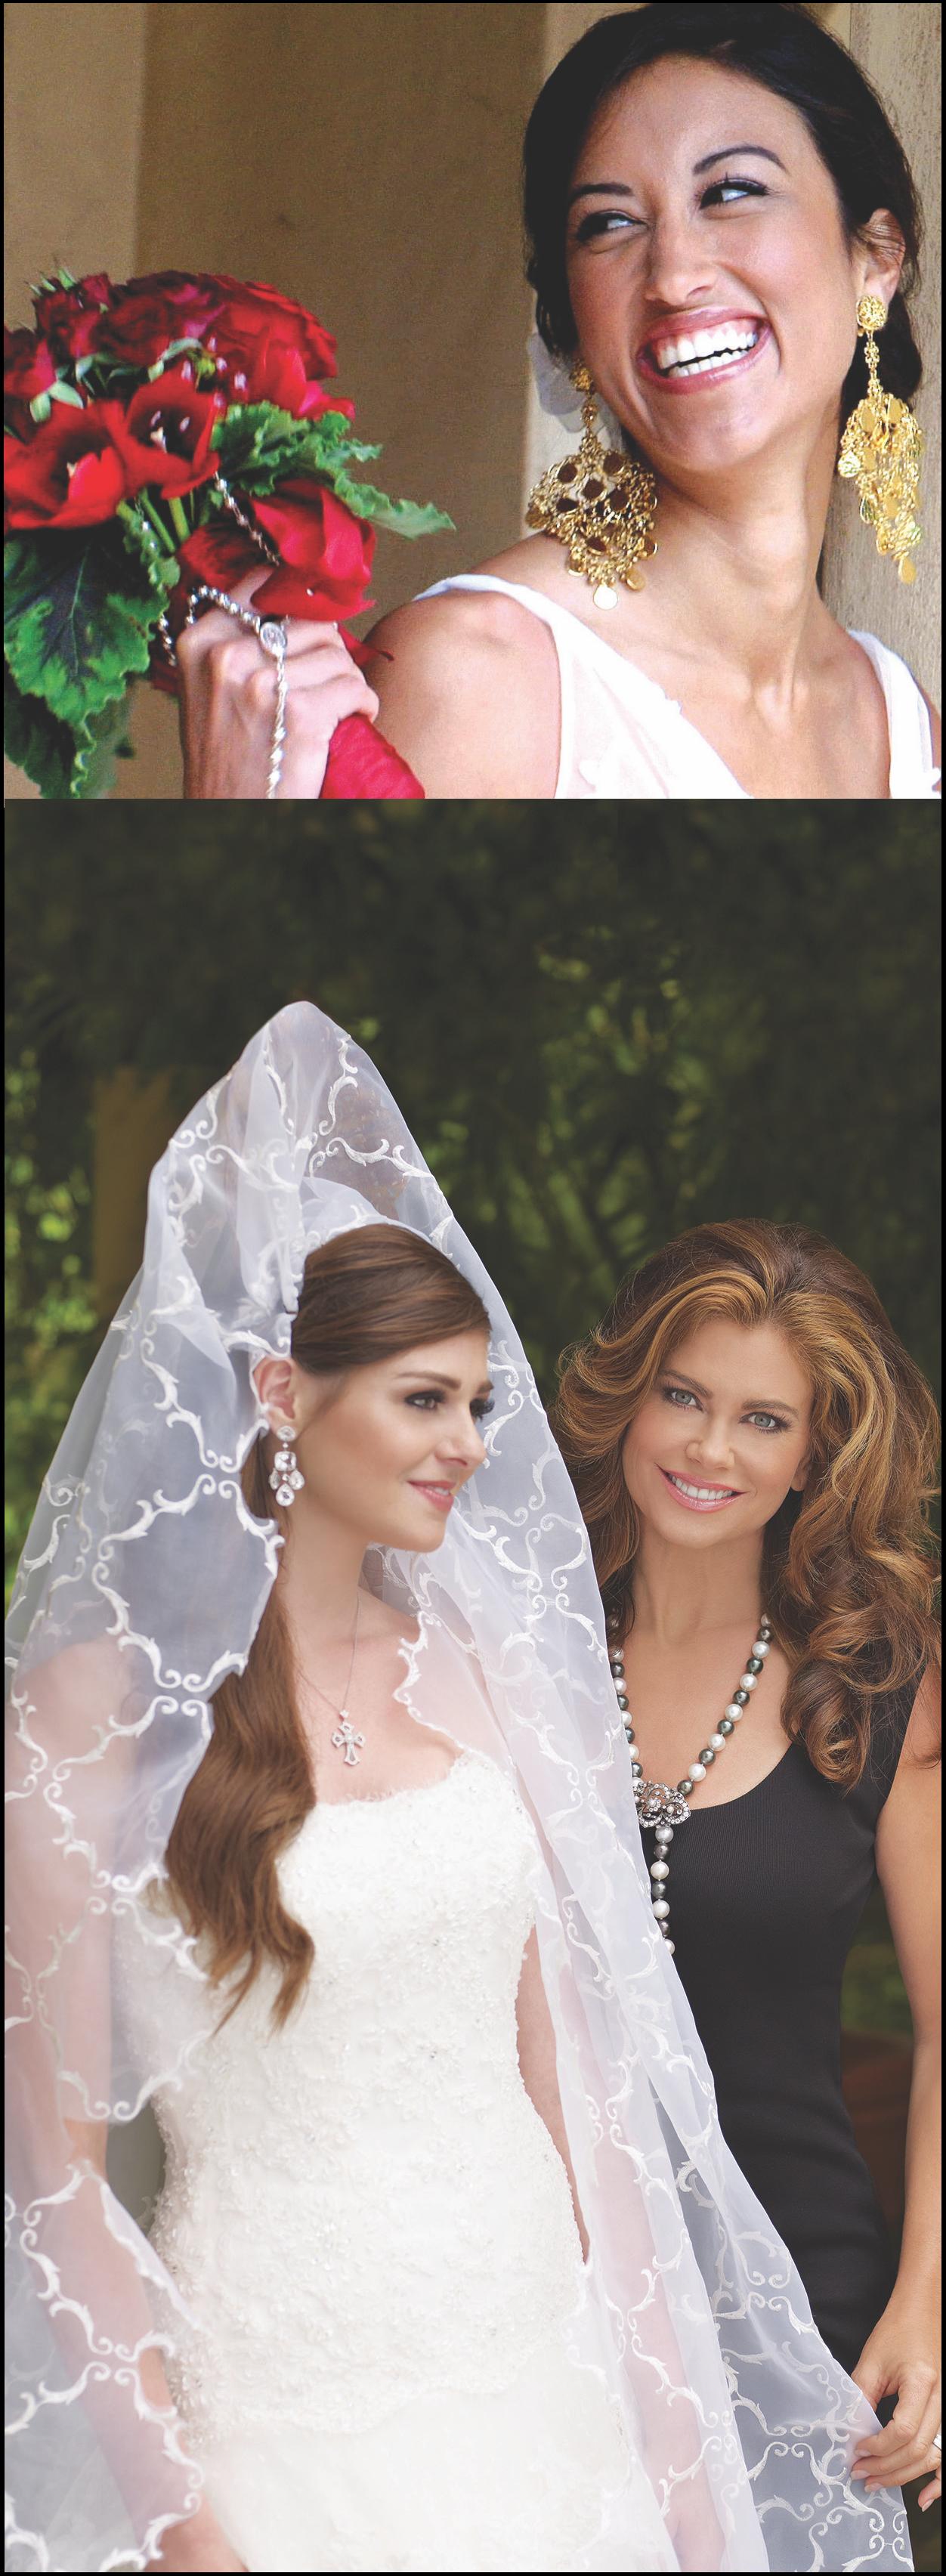 Kathy Ireland Weddings - Hands On Solutions